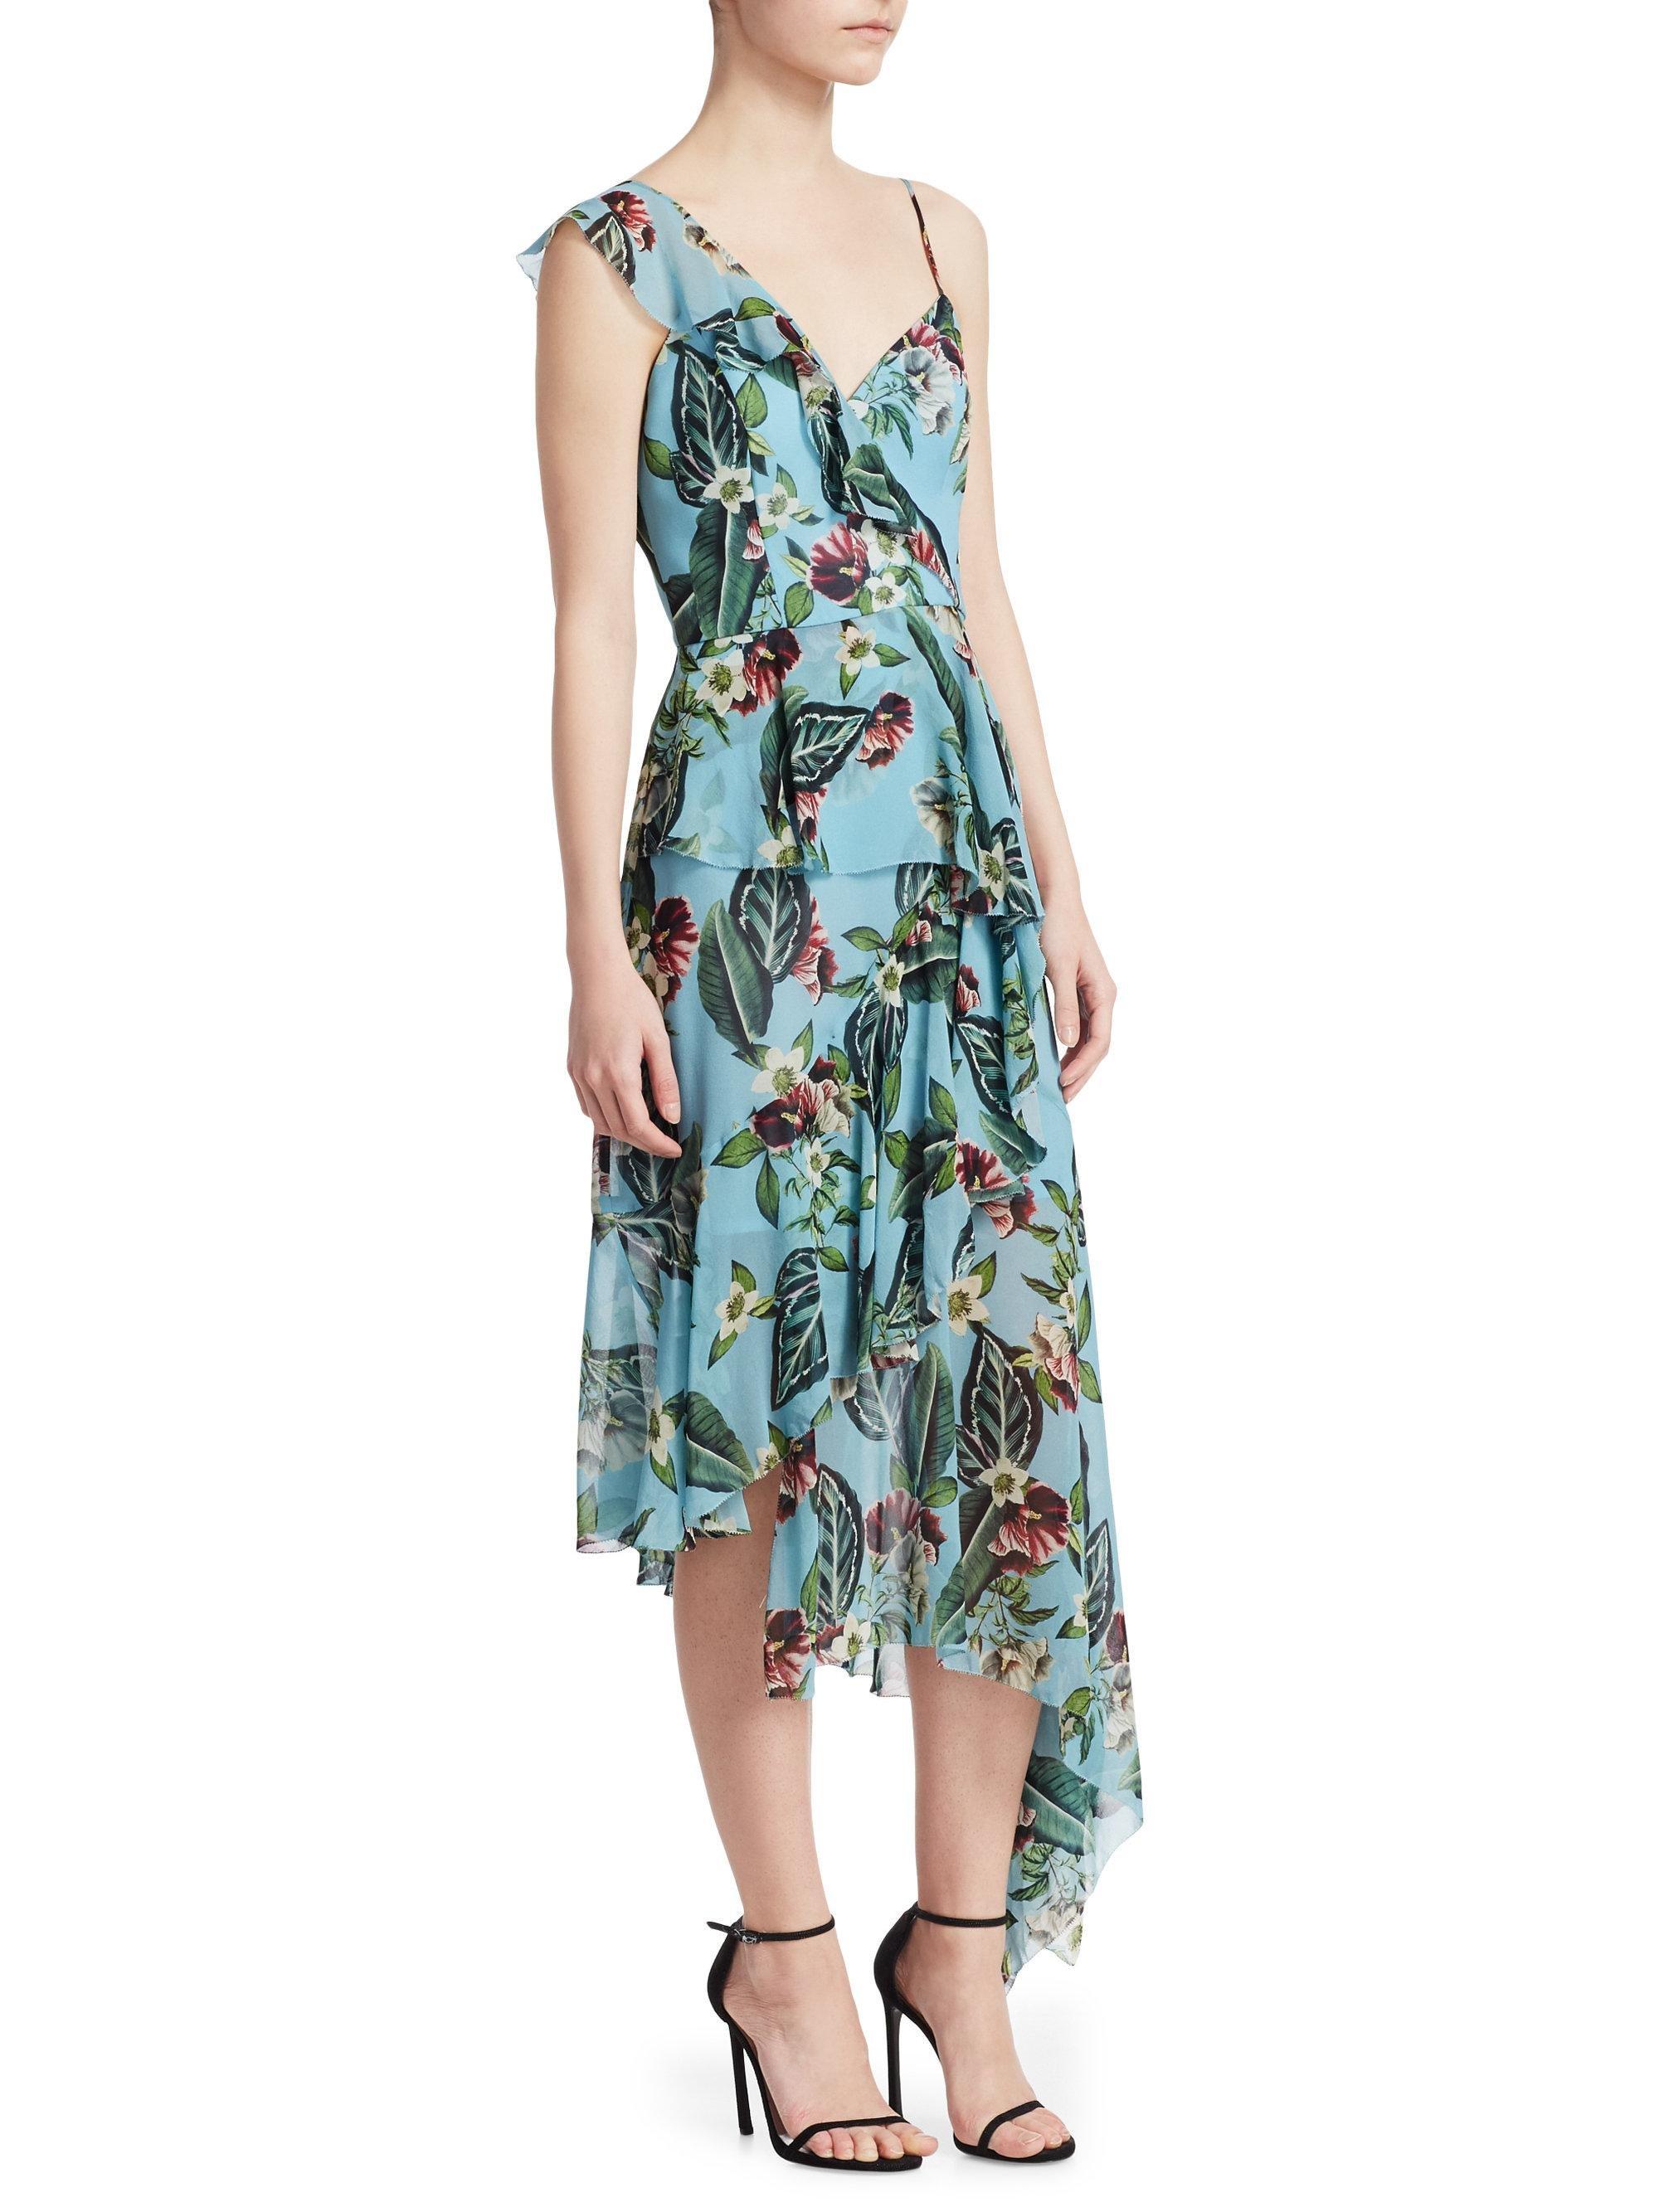 Carolina Herrera One Shoulder Floral Gown Black One shoulder neckline ytr 77326